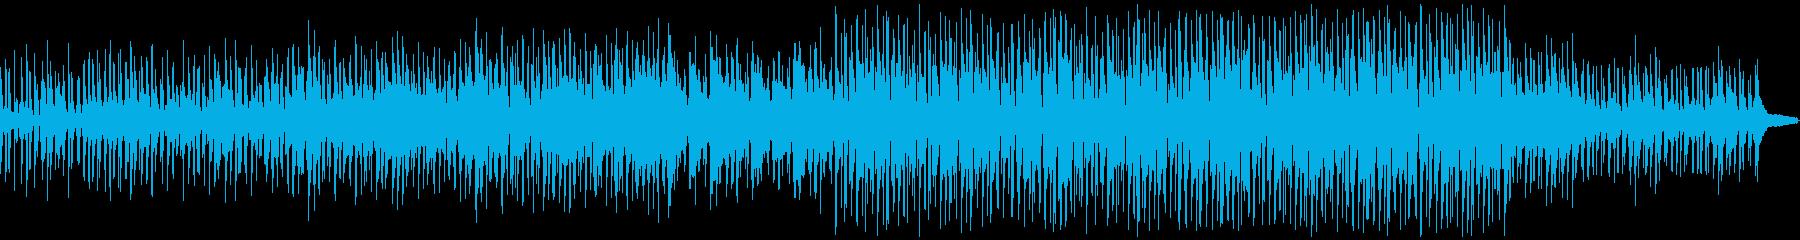 子供や動物の映像に、ほのぼの系BGMの再生済みの波形